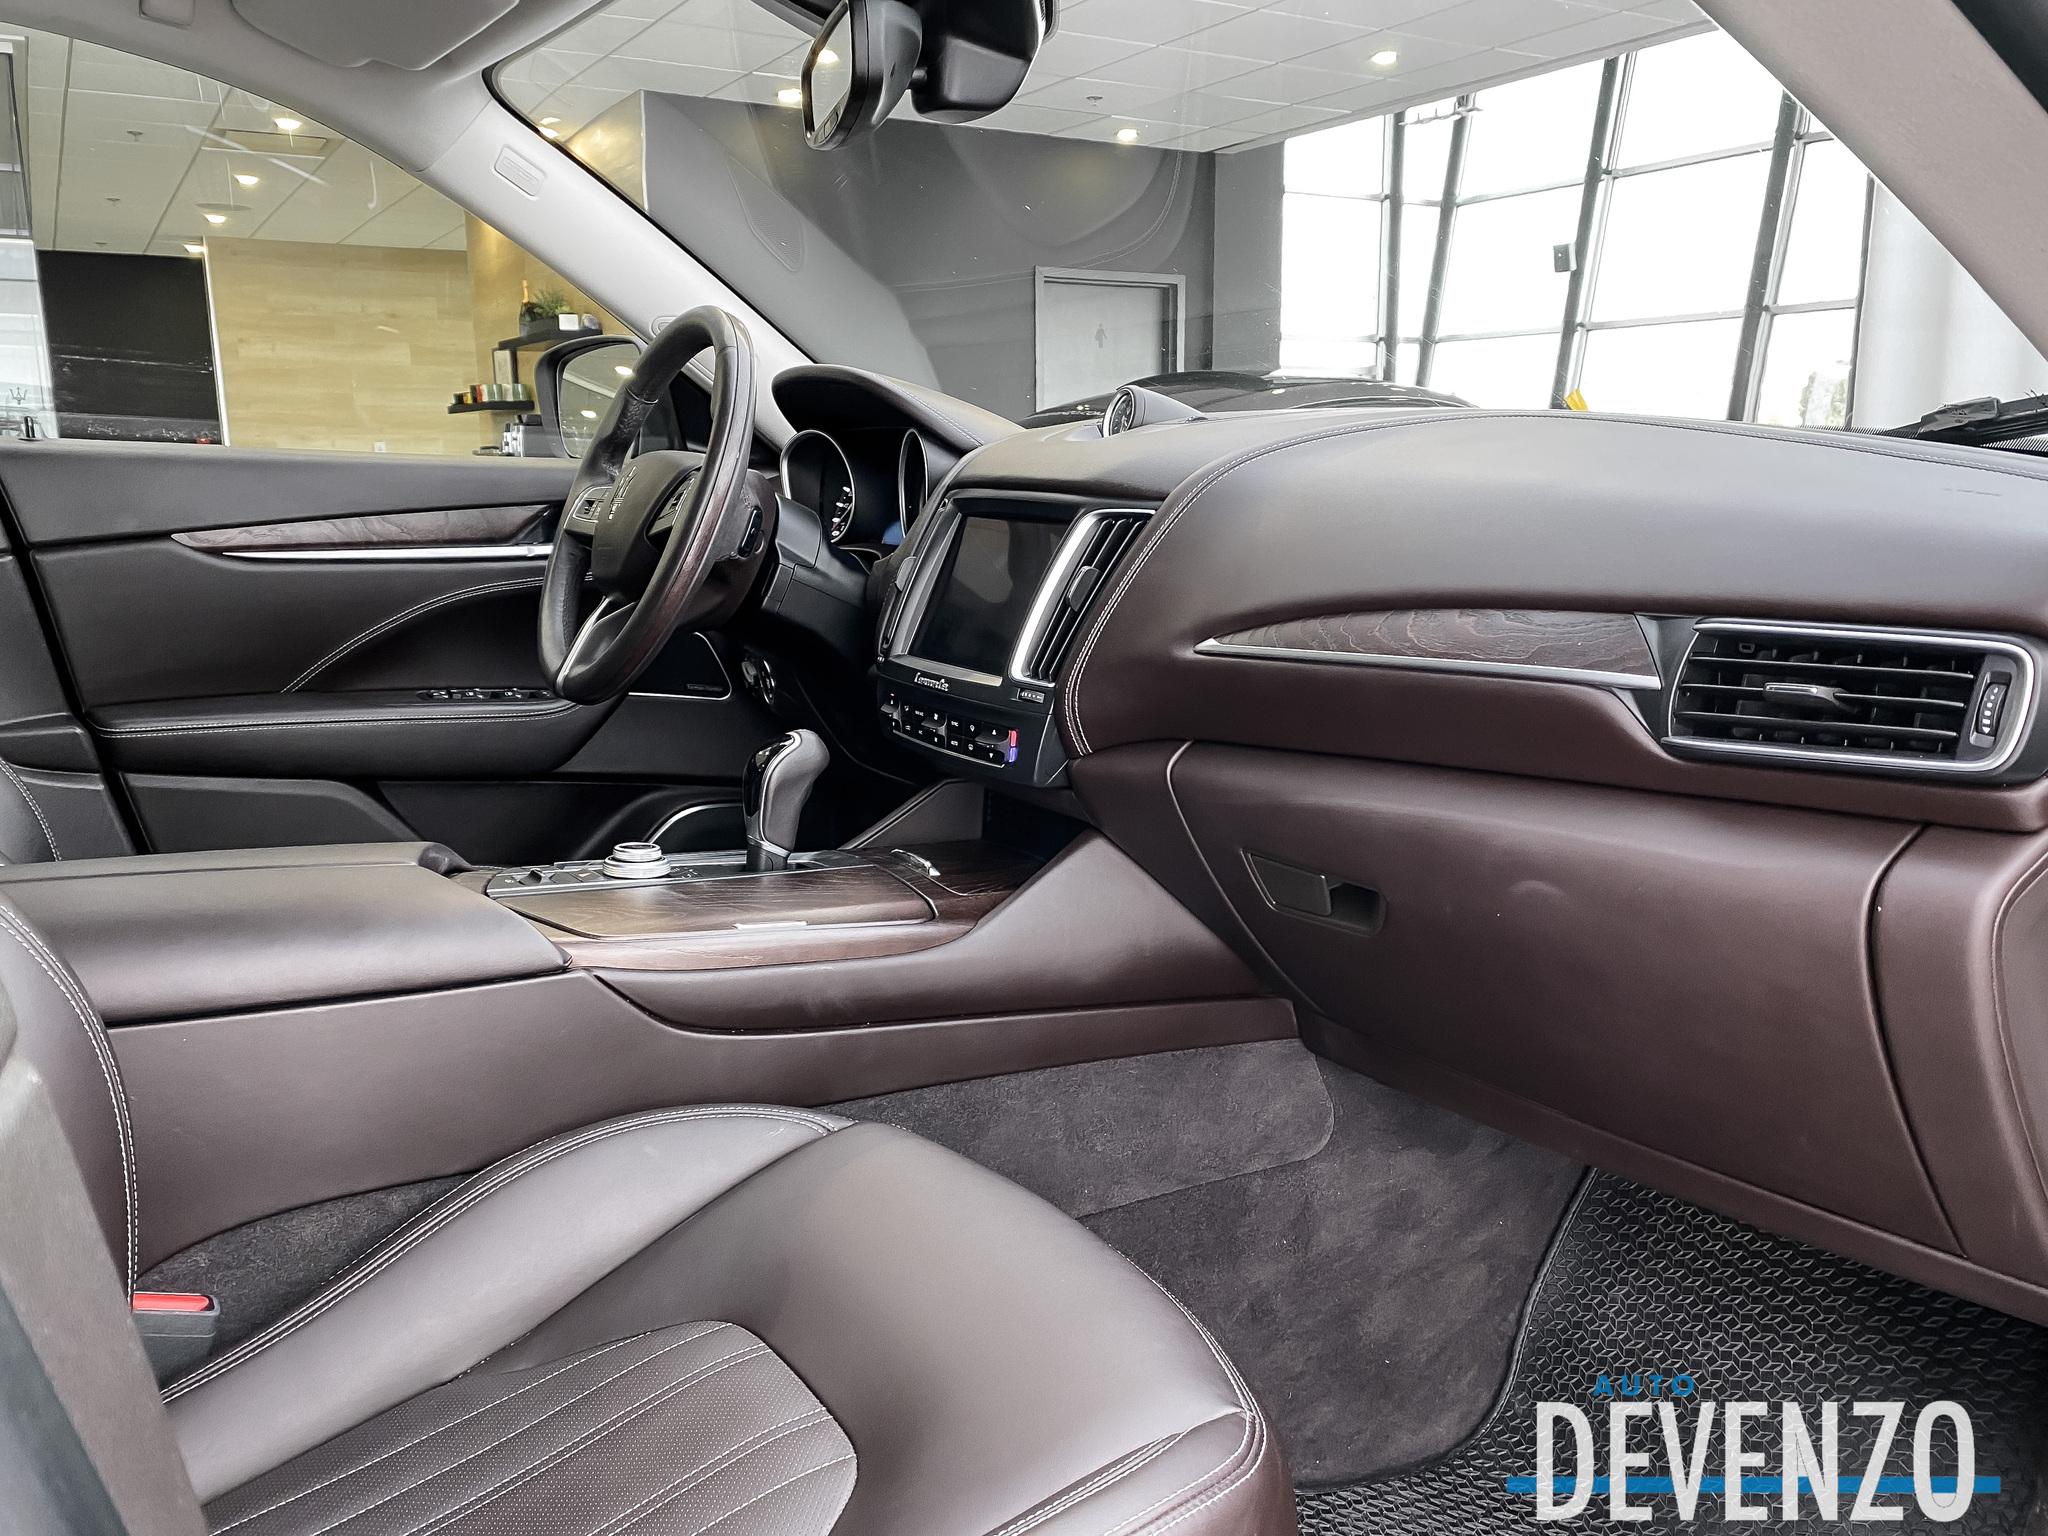 2017 Maserati Levante AWD 3.0L 345HP NAVI/TOIT PANO/CAMERA complet